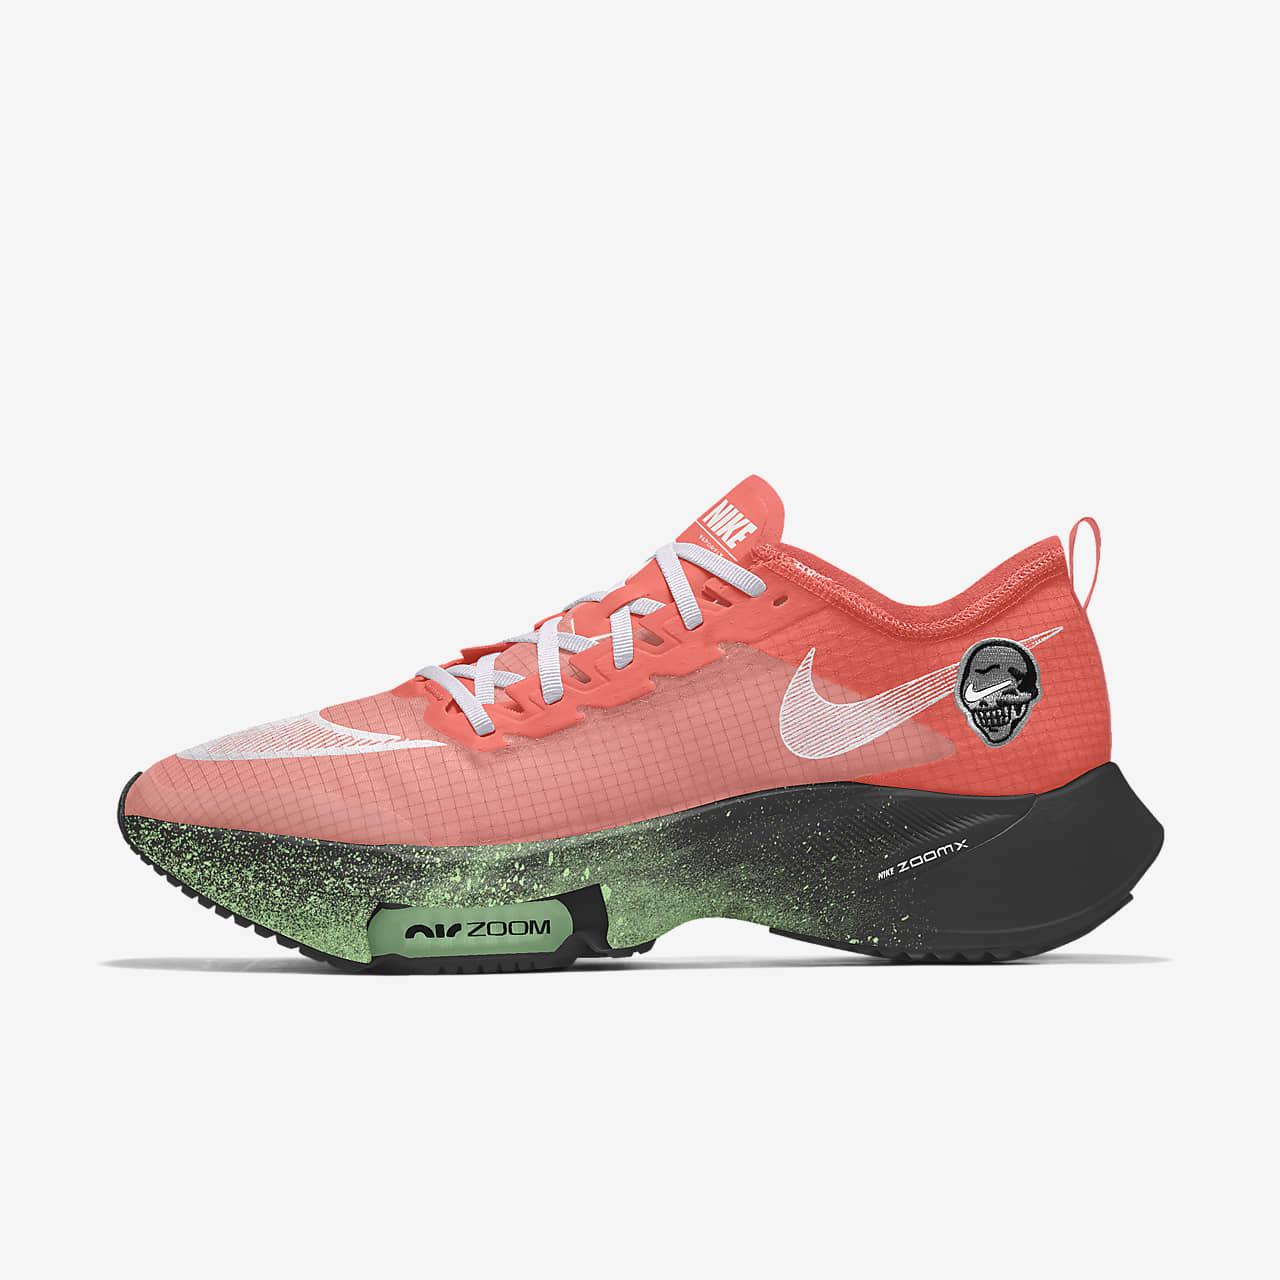 Nike Air Zoom Tempo NEXT% By You egyedi férfi futócipő